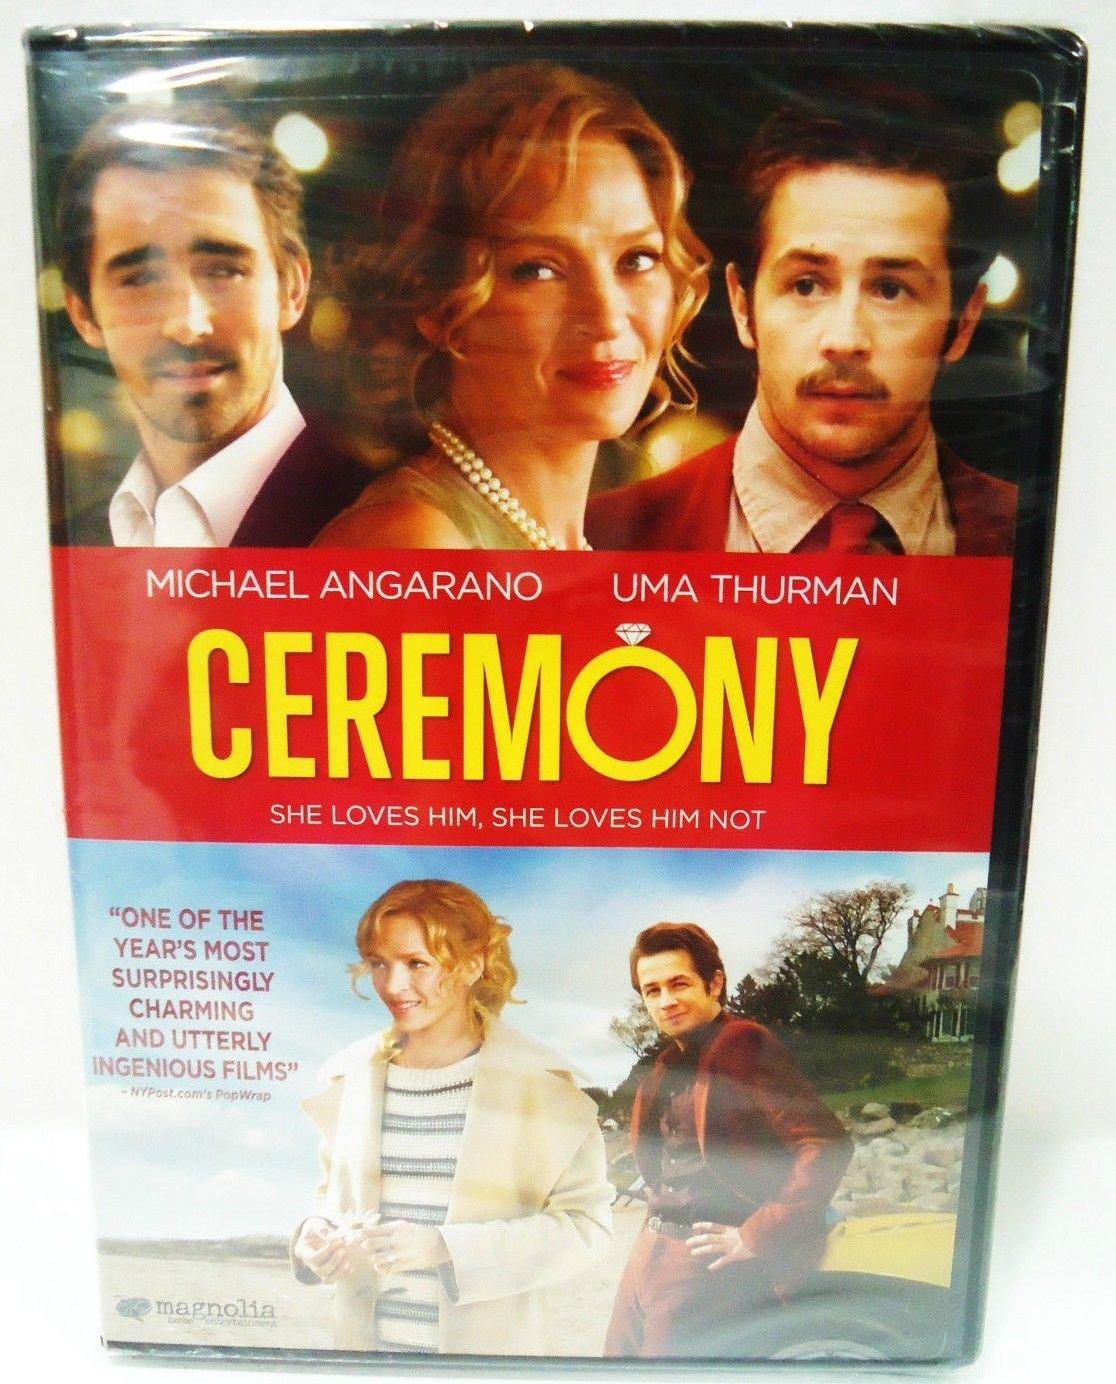 CEREMONY - DVD - UMA THURMAN - MICHAEL ANGARANO -  NEW - SEALED - COMEDY - MOVIE